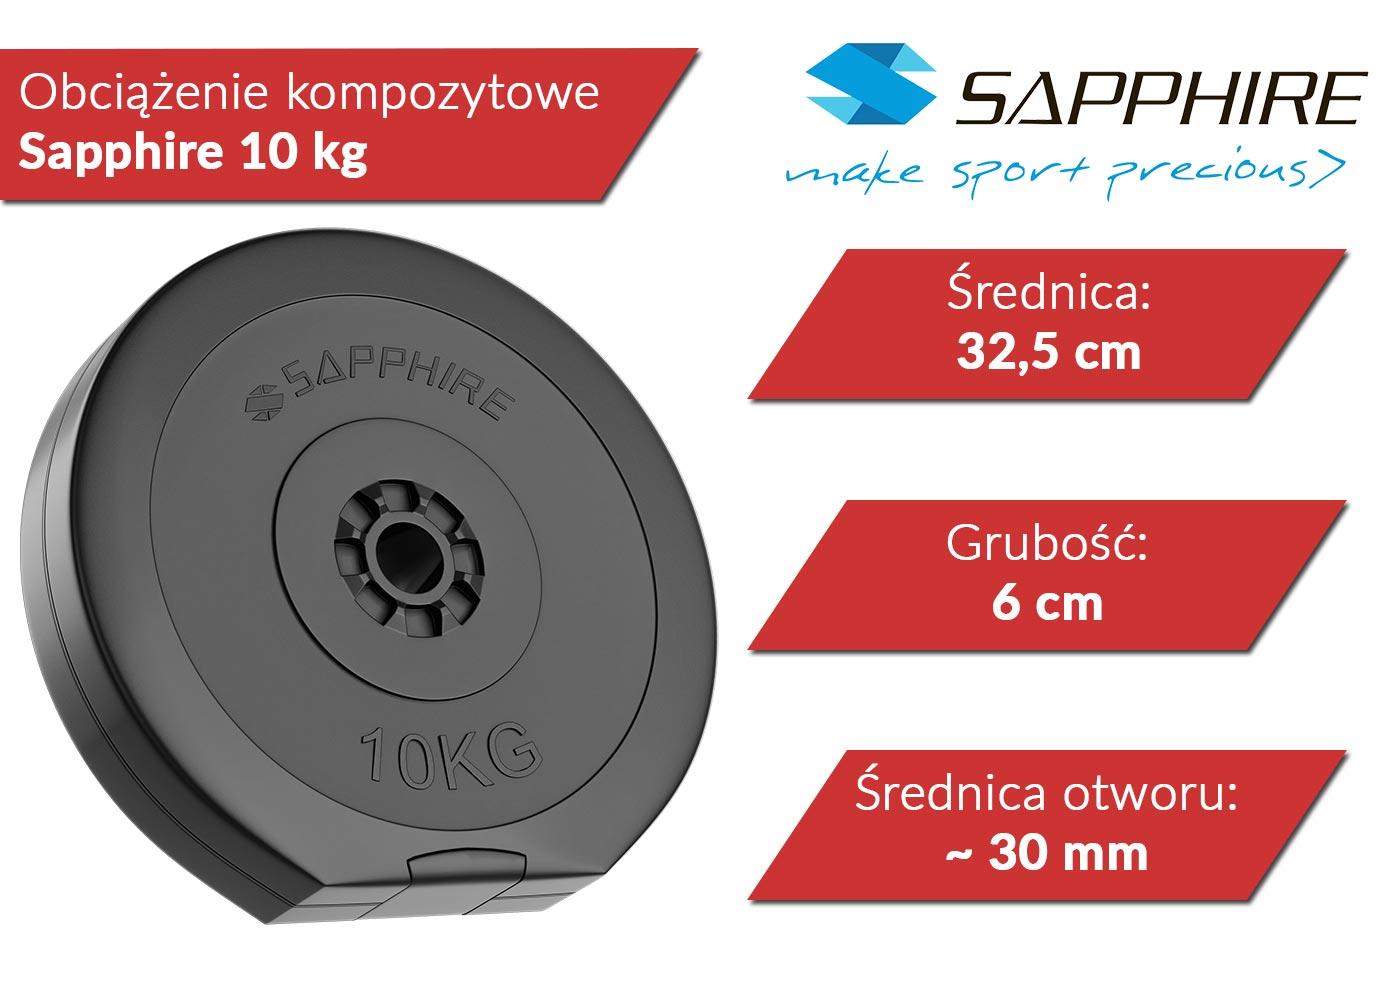 Obciążenia kompozytowe Sapphire 10 kg